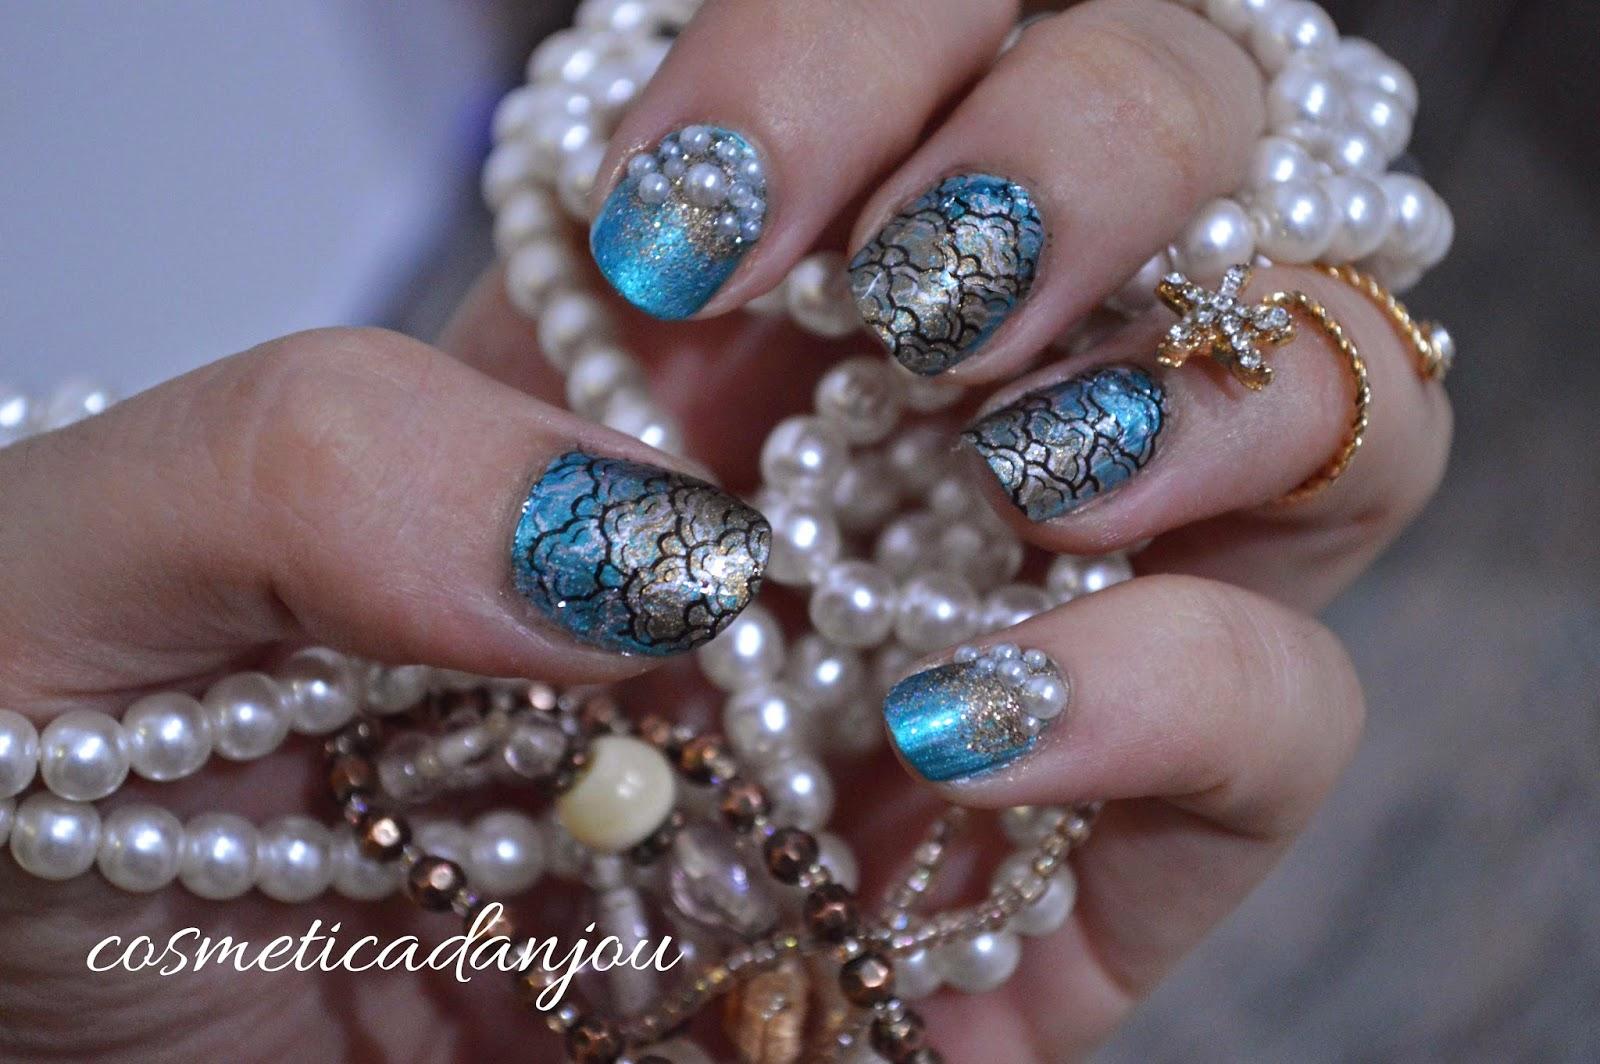 Cosmética D Anjou Mermaid Bubbles Manicure Bp L003